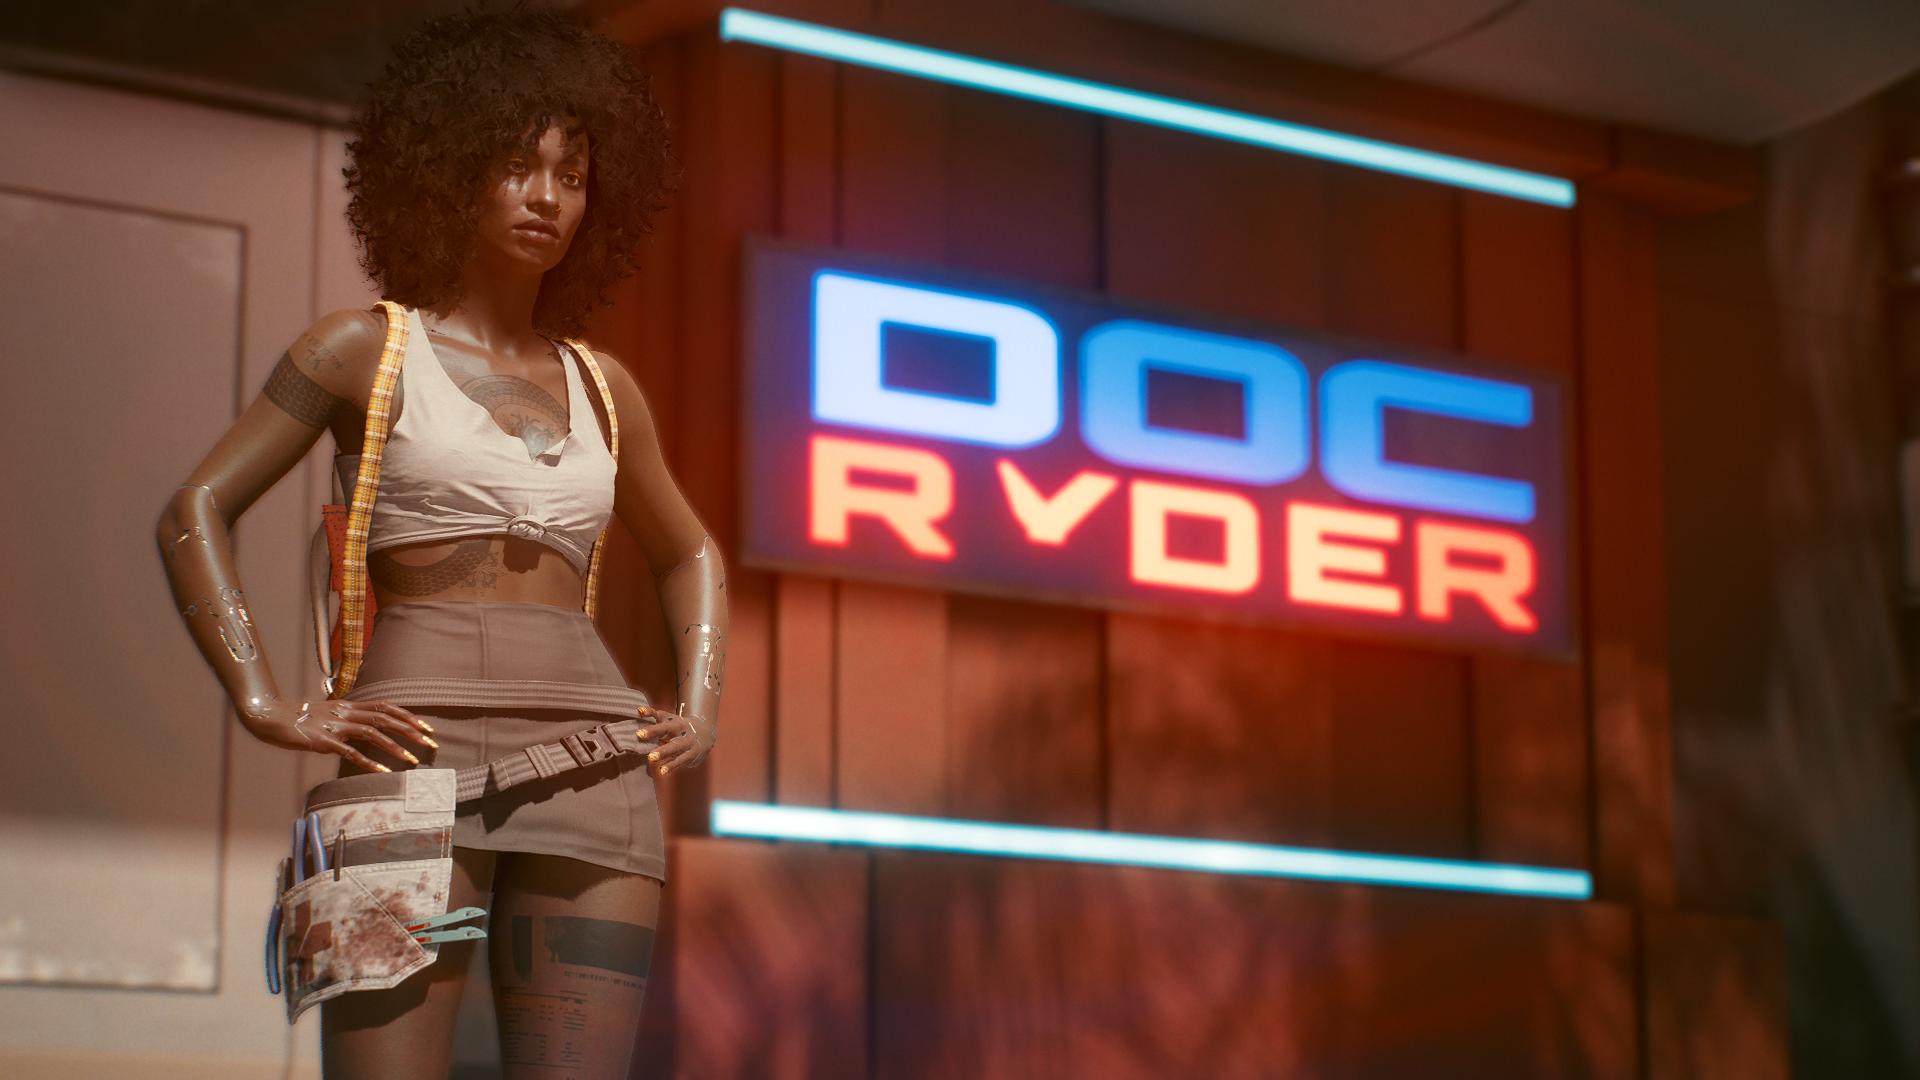 Как при помощи модов Cyberpunk 2077 сделать из Ви настоящего киберпанкового персонажа